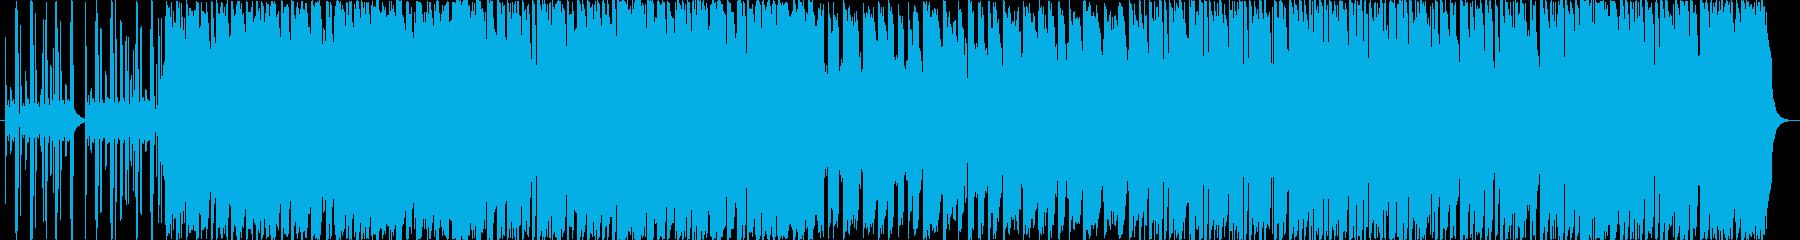 遊び心あるワクワクピアノBGM(CM)の再生済みの波形